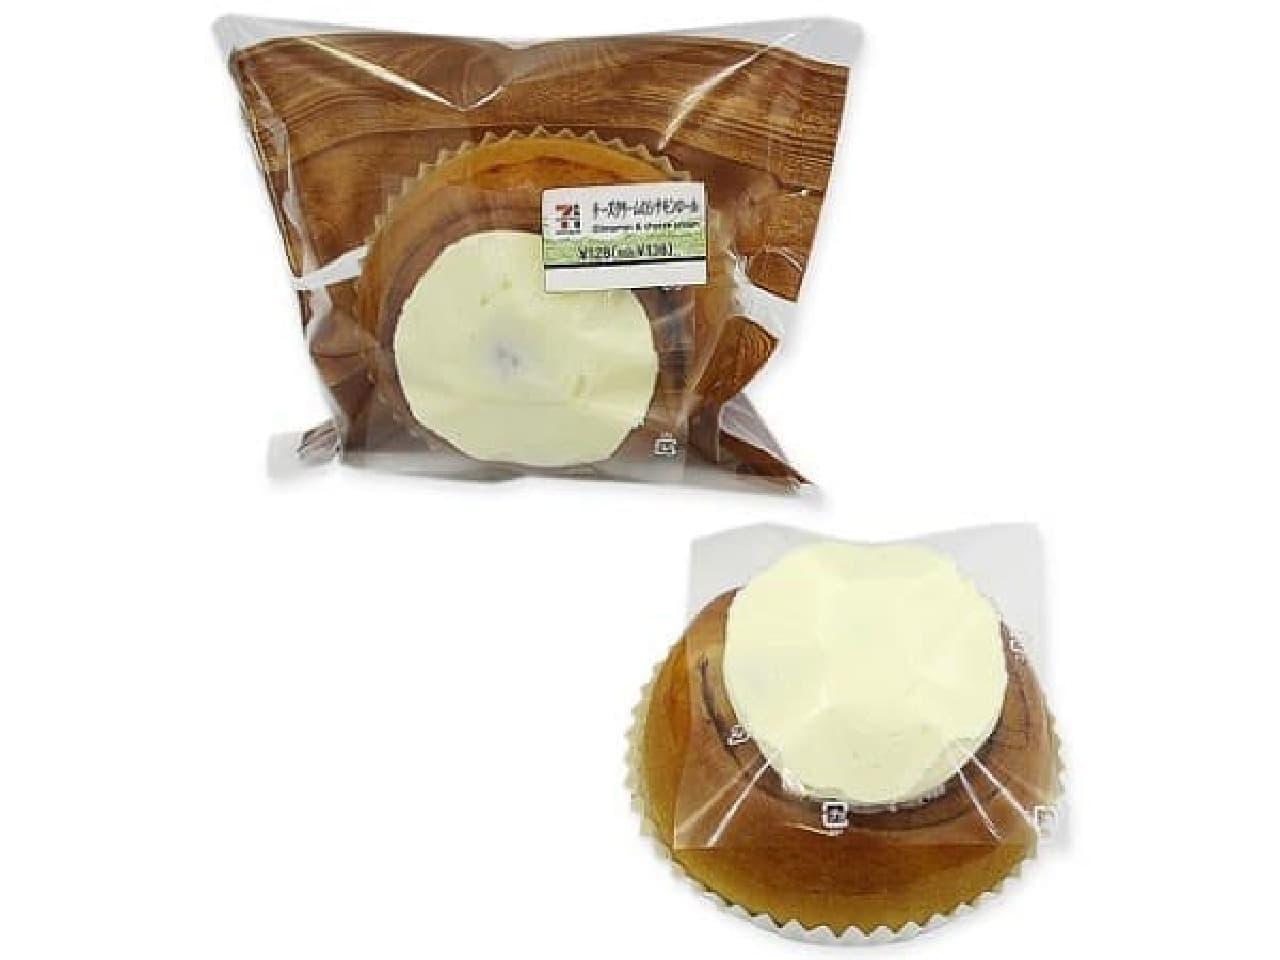 セブン-イレブン「チーズクリームのシナモンロール」